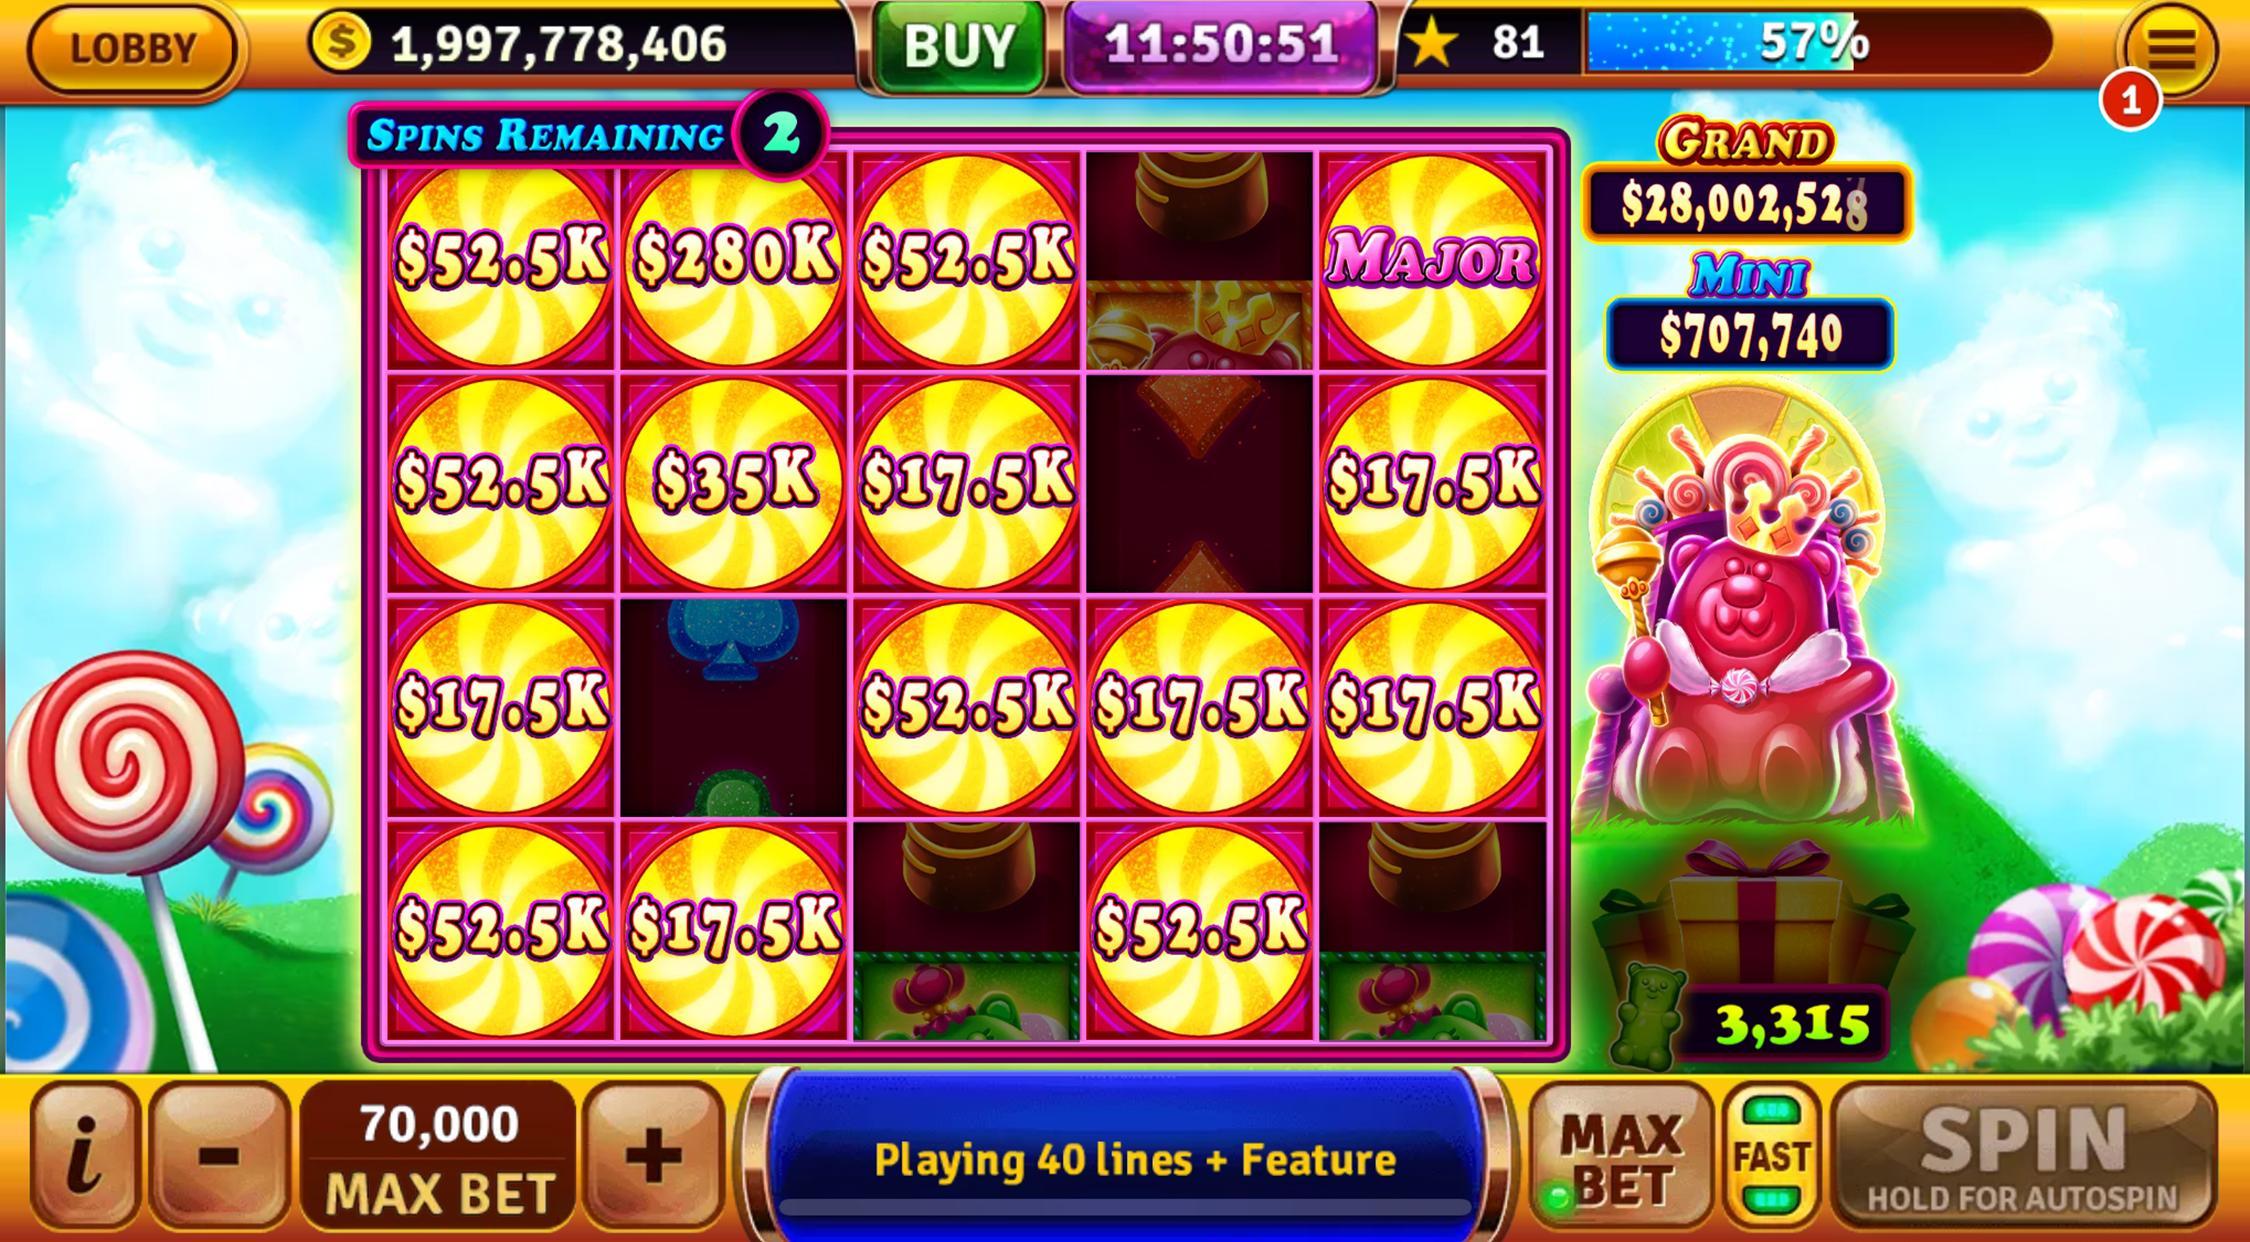 игровые автоматы играть бесплатно новые